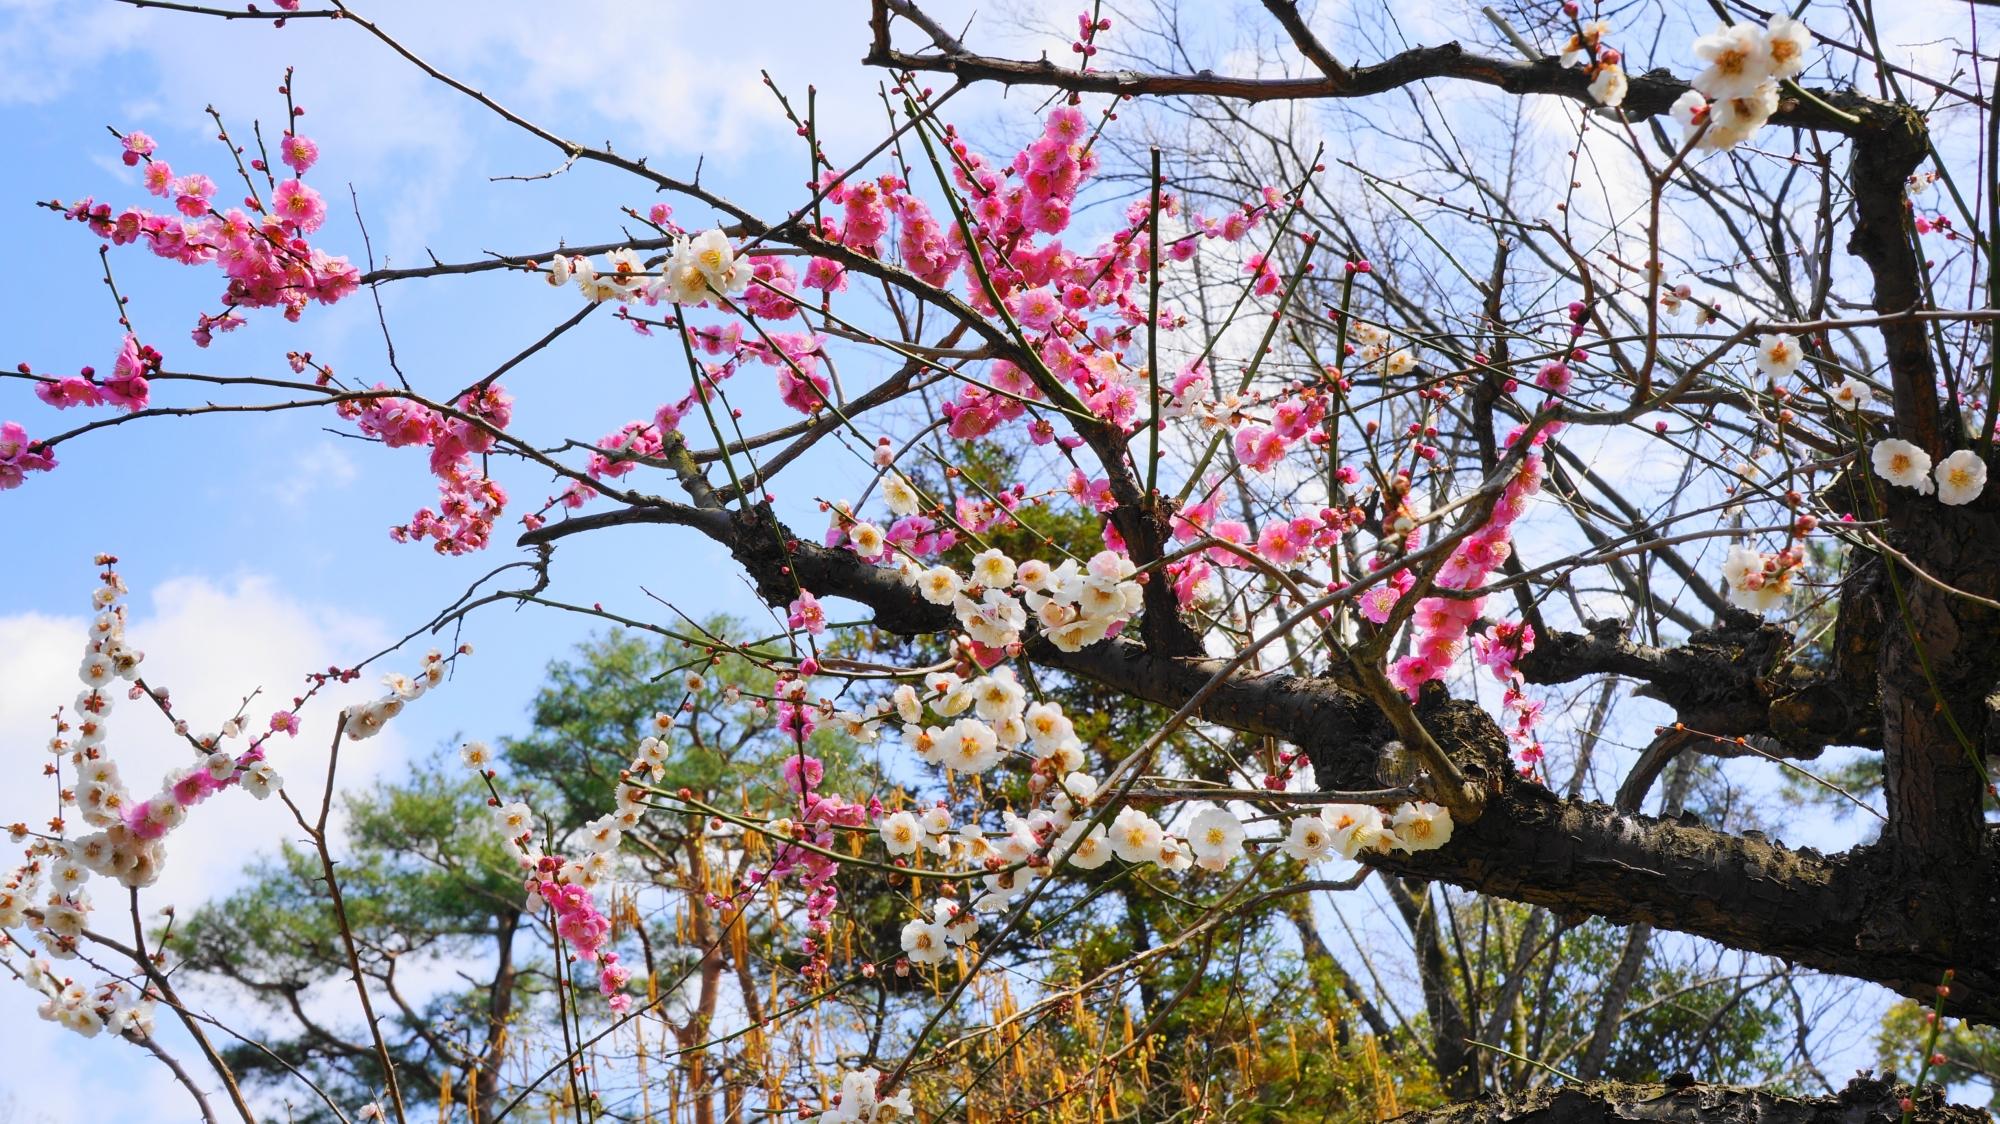 いろんな方向を向く枝から咲き誇る紅白の梅